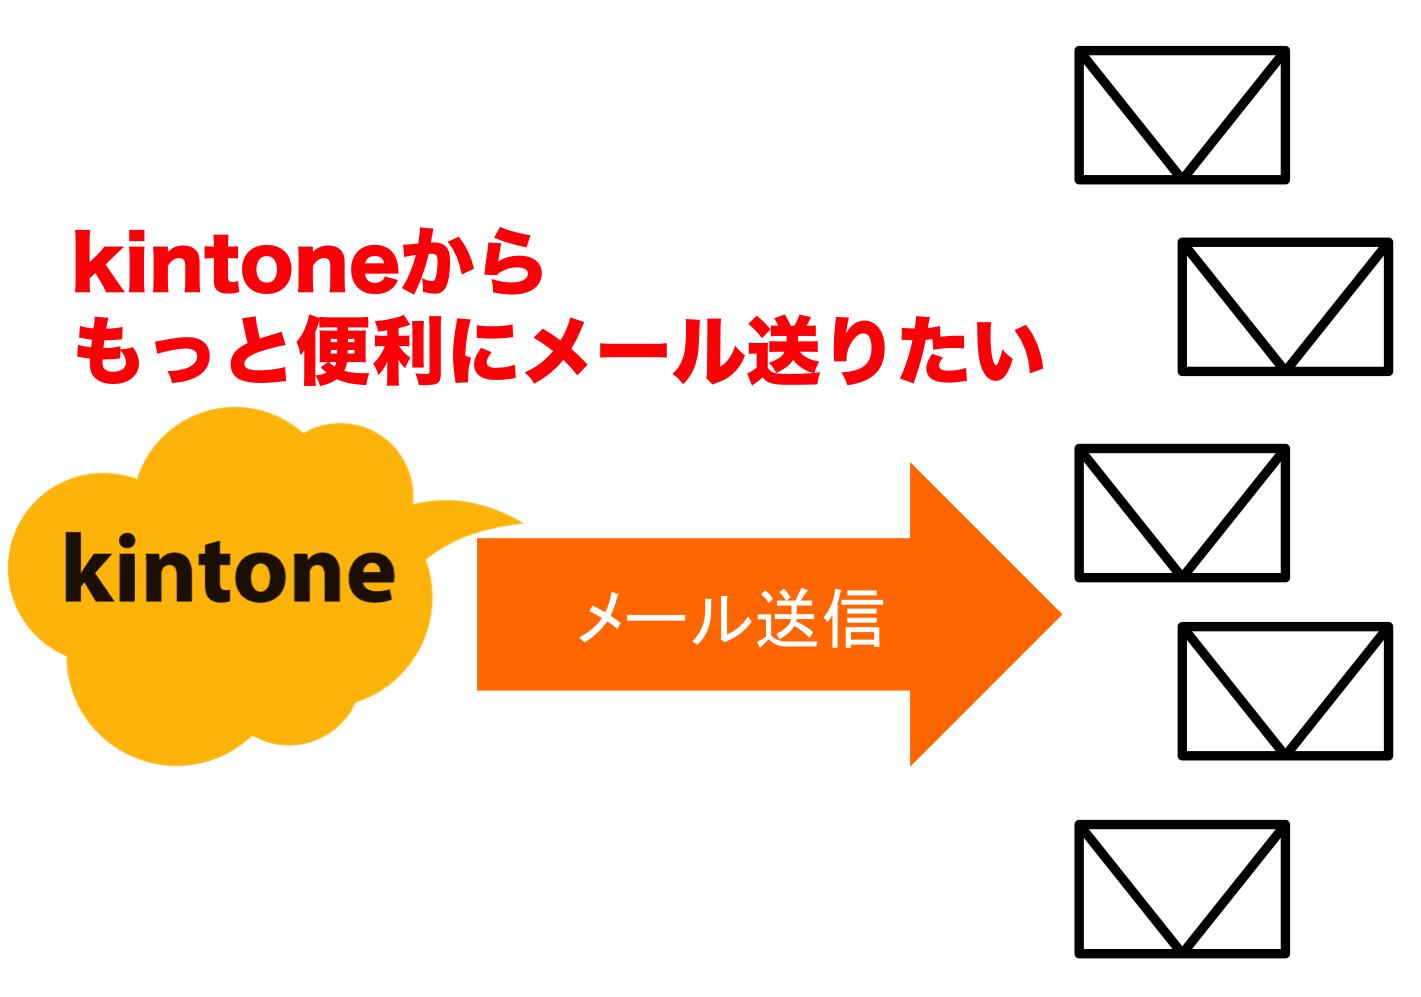 都市伝説?kintoneに連携するメールサービスが開発中らしい